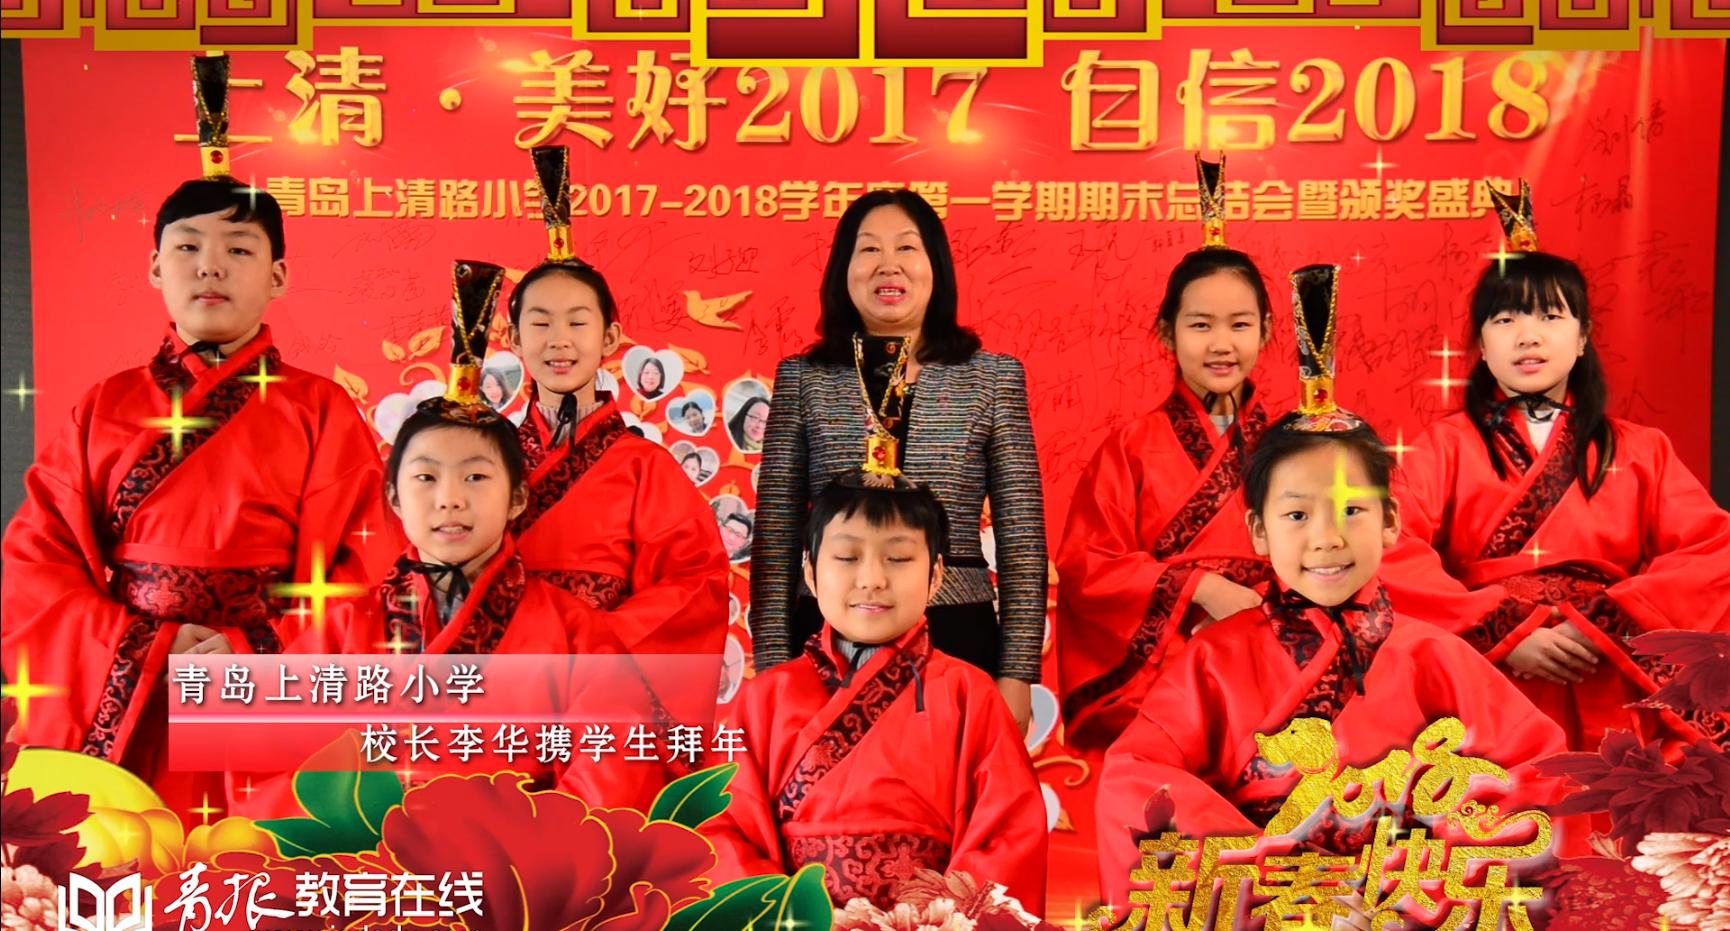 【视频】红红火火过大年!青岛上清路小学祝您新春快乐!